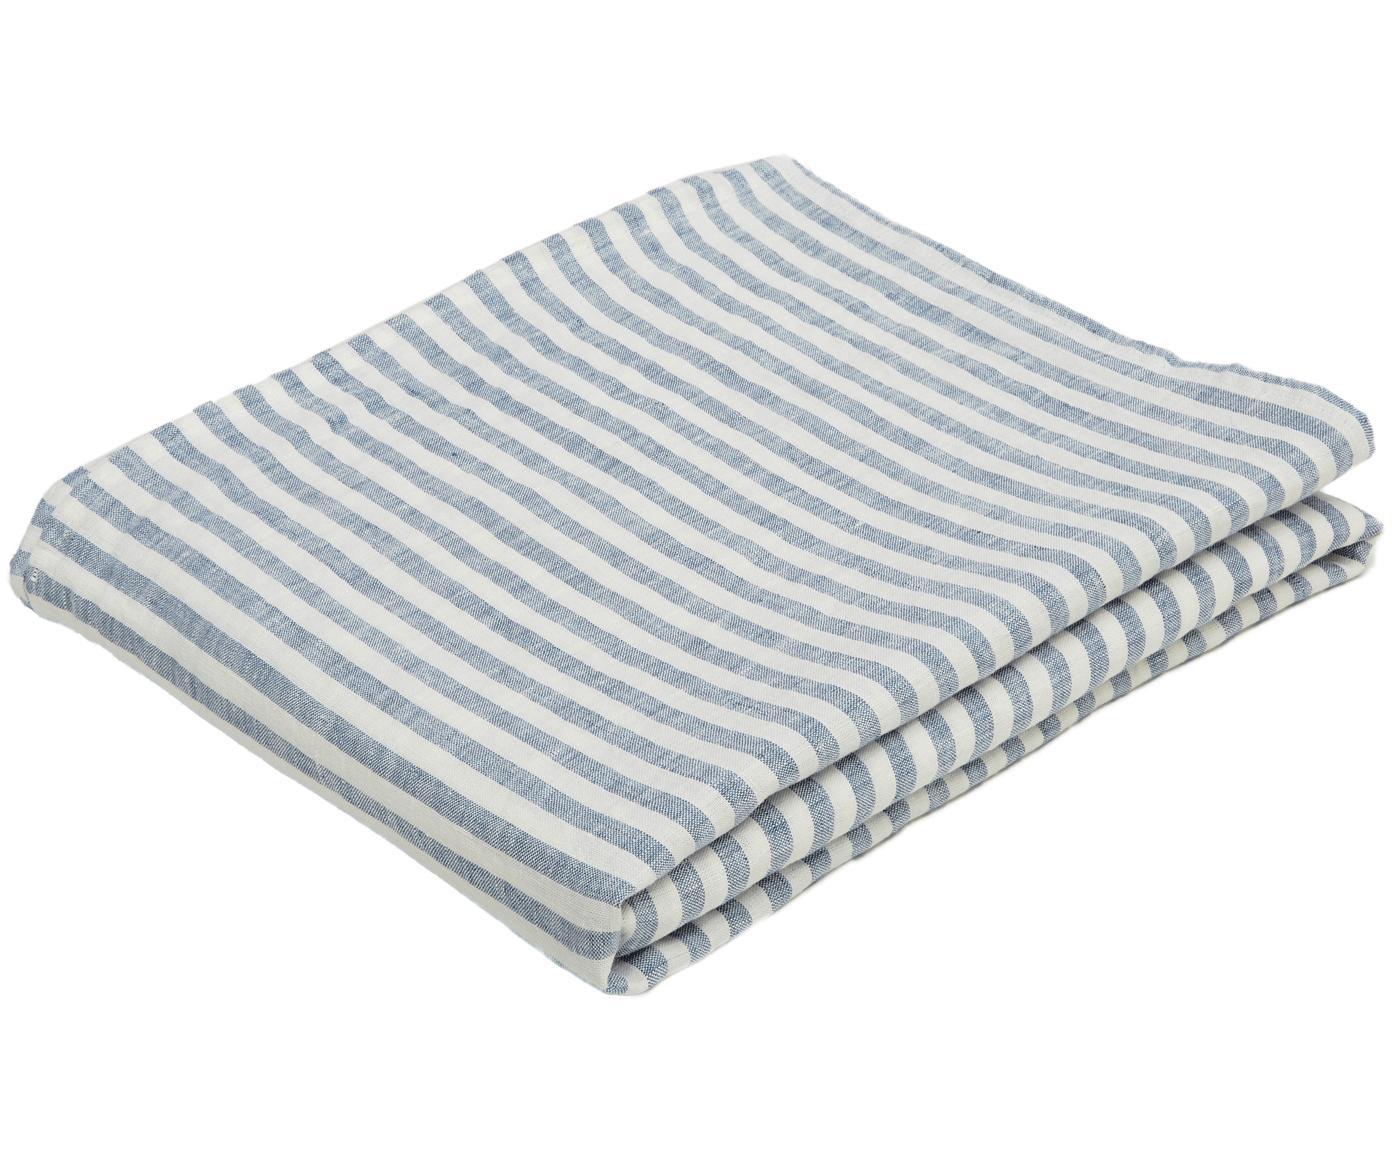 Tovaglia in lino Solami, Lino, Azzurro, bianco, Per 6-8 persone (Larg. 150 x Lung. 250 cm)